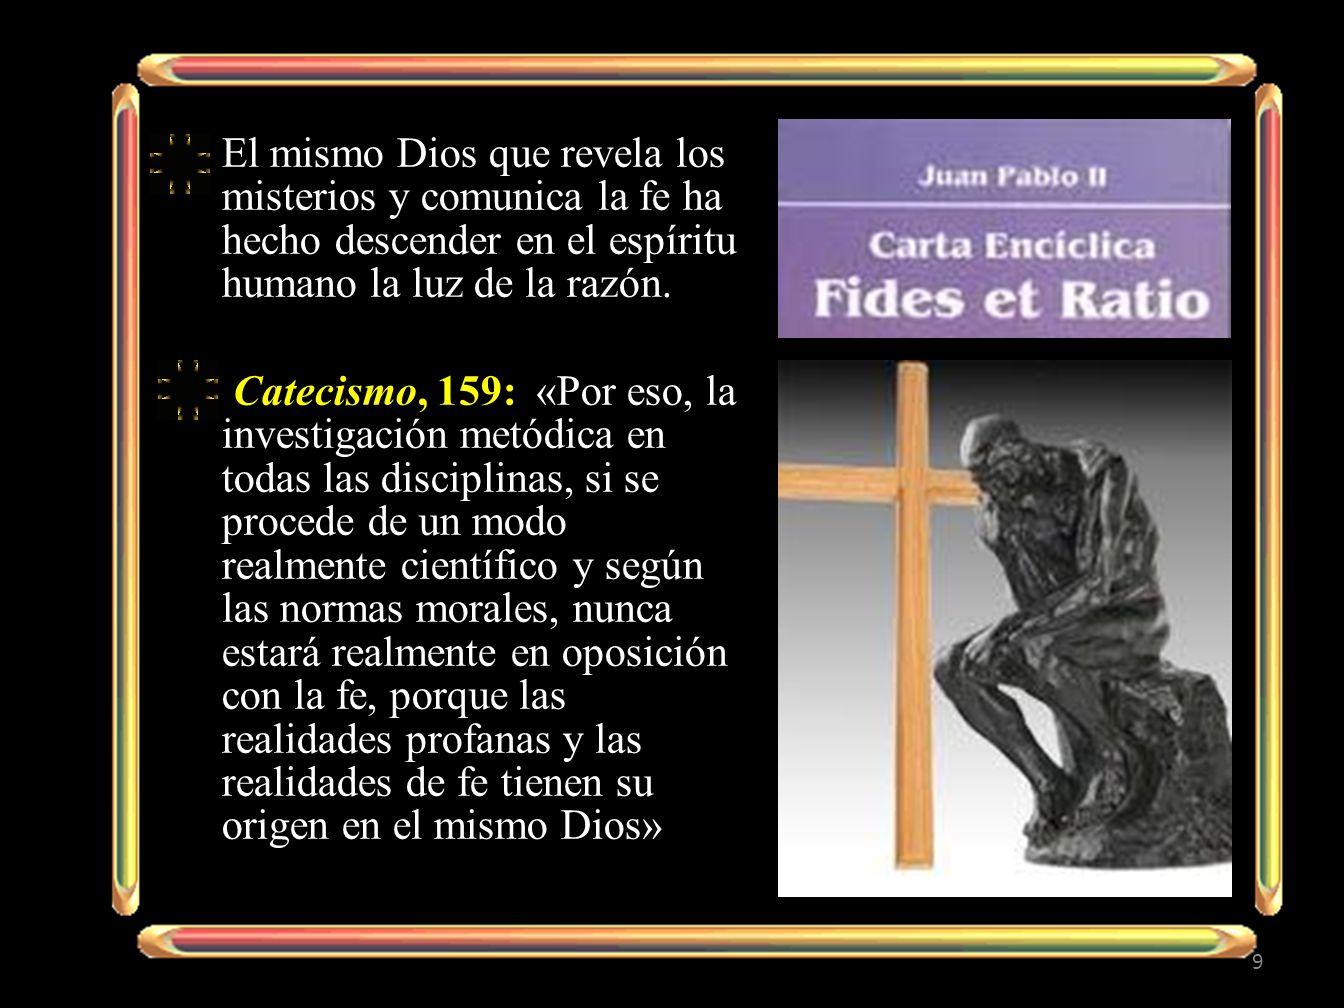 El mismo Dios que revela los misterios y comunica la fe ha hecho descender en el espíritu humano la luz de la razón. Catecismo, 159: «Por eso, la inve